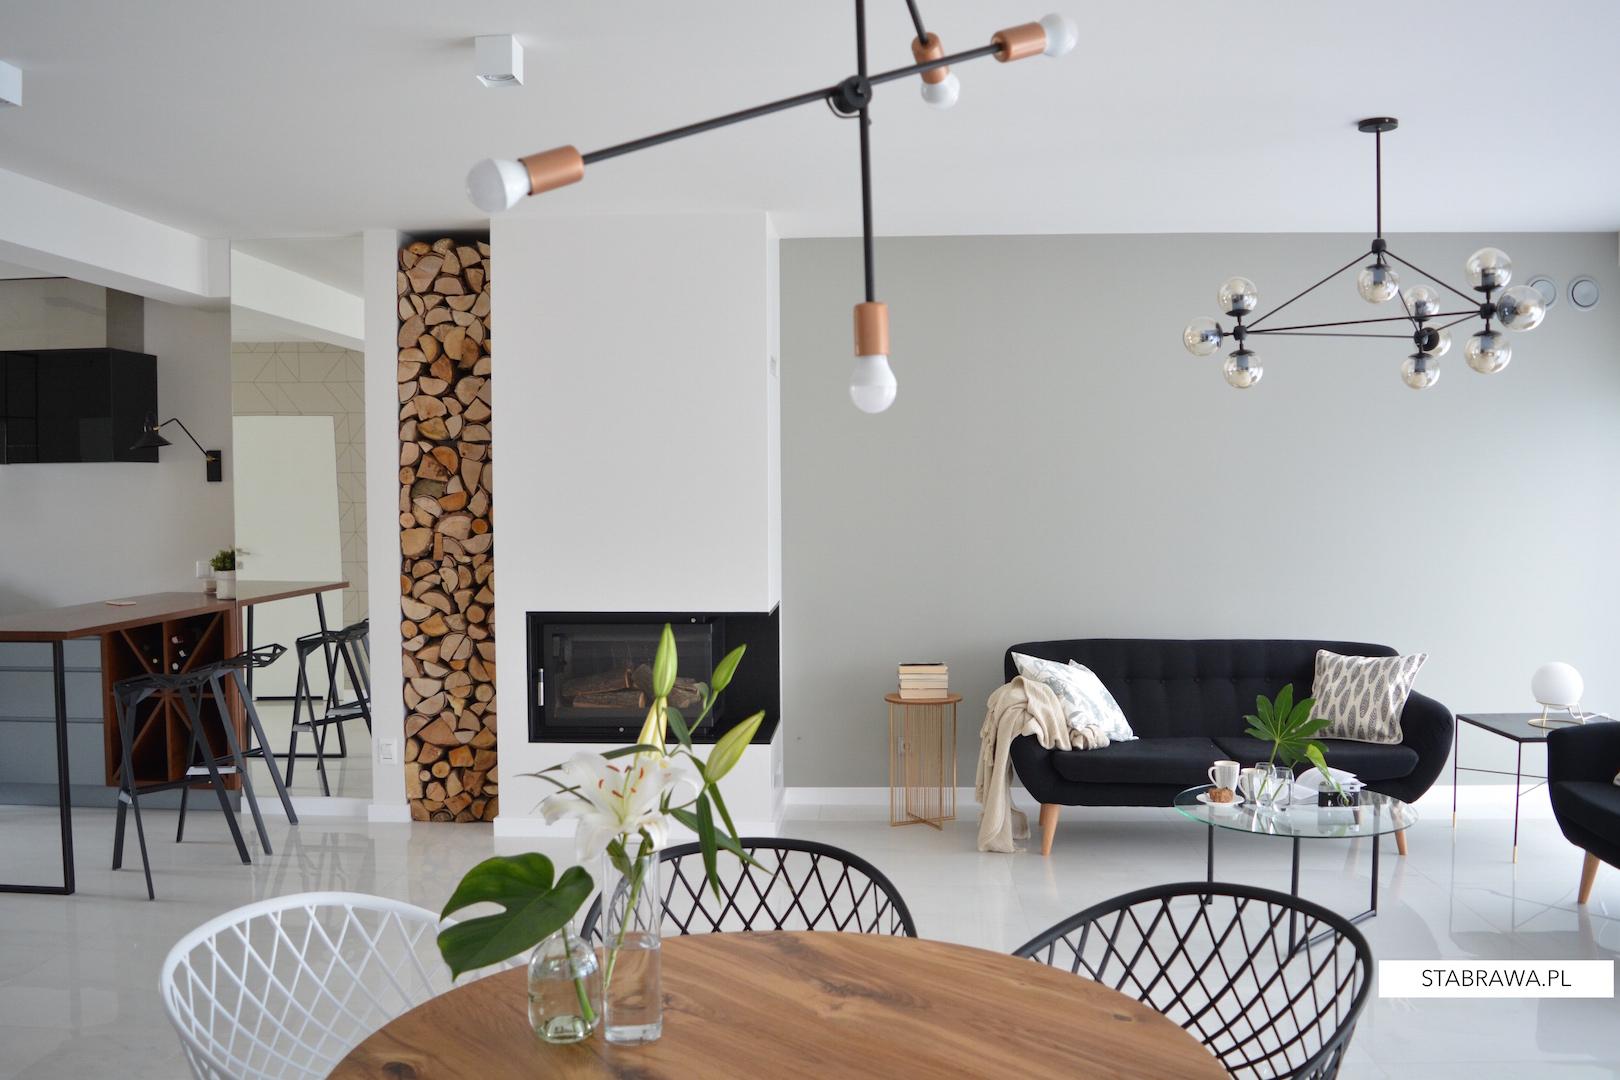 dom w chorzowie realizacja, projekt wnętrza, minimalizm, jadalnia, płytki w salonie, wnętrze minimalistyczne